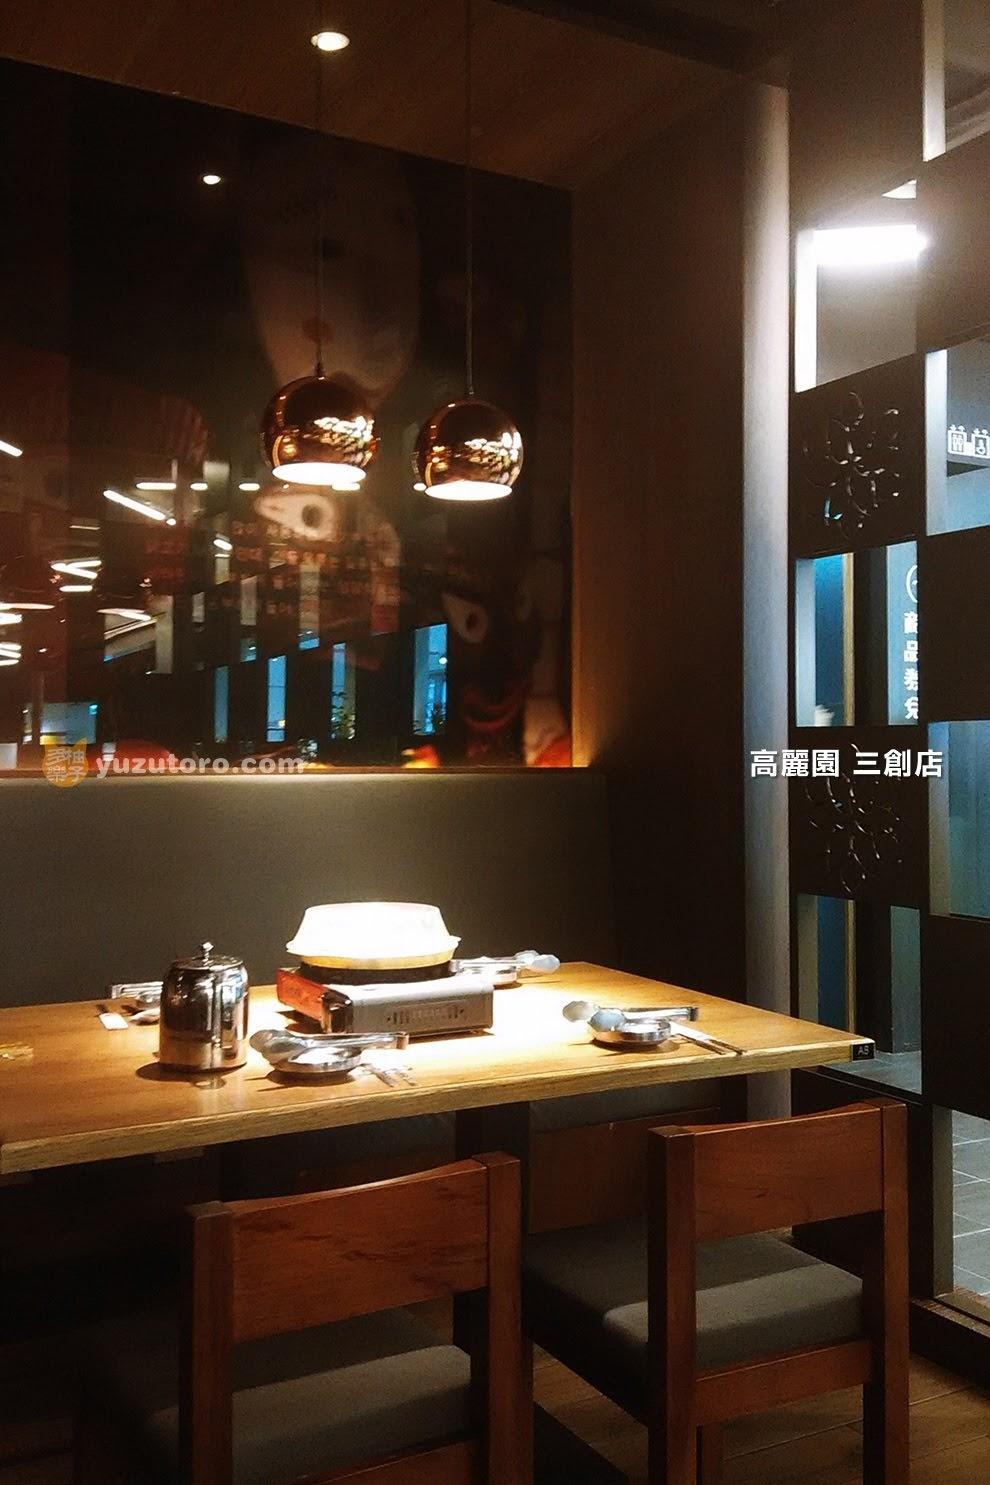 高麗園 三創店:韓式銅板烤肉吃到飽   臺北餐廳 光華商場 捷運忠孝新生站 SYNTREND 三創生活園區